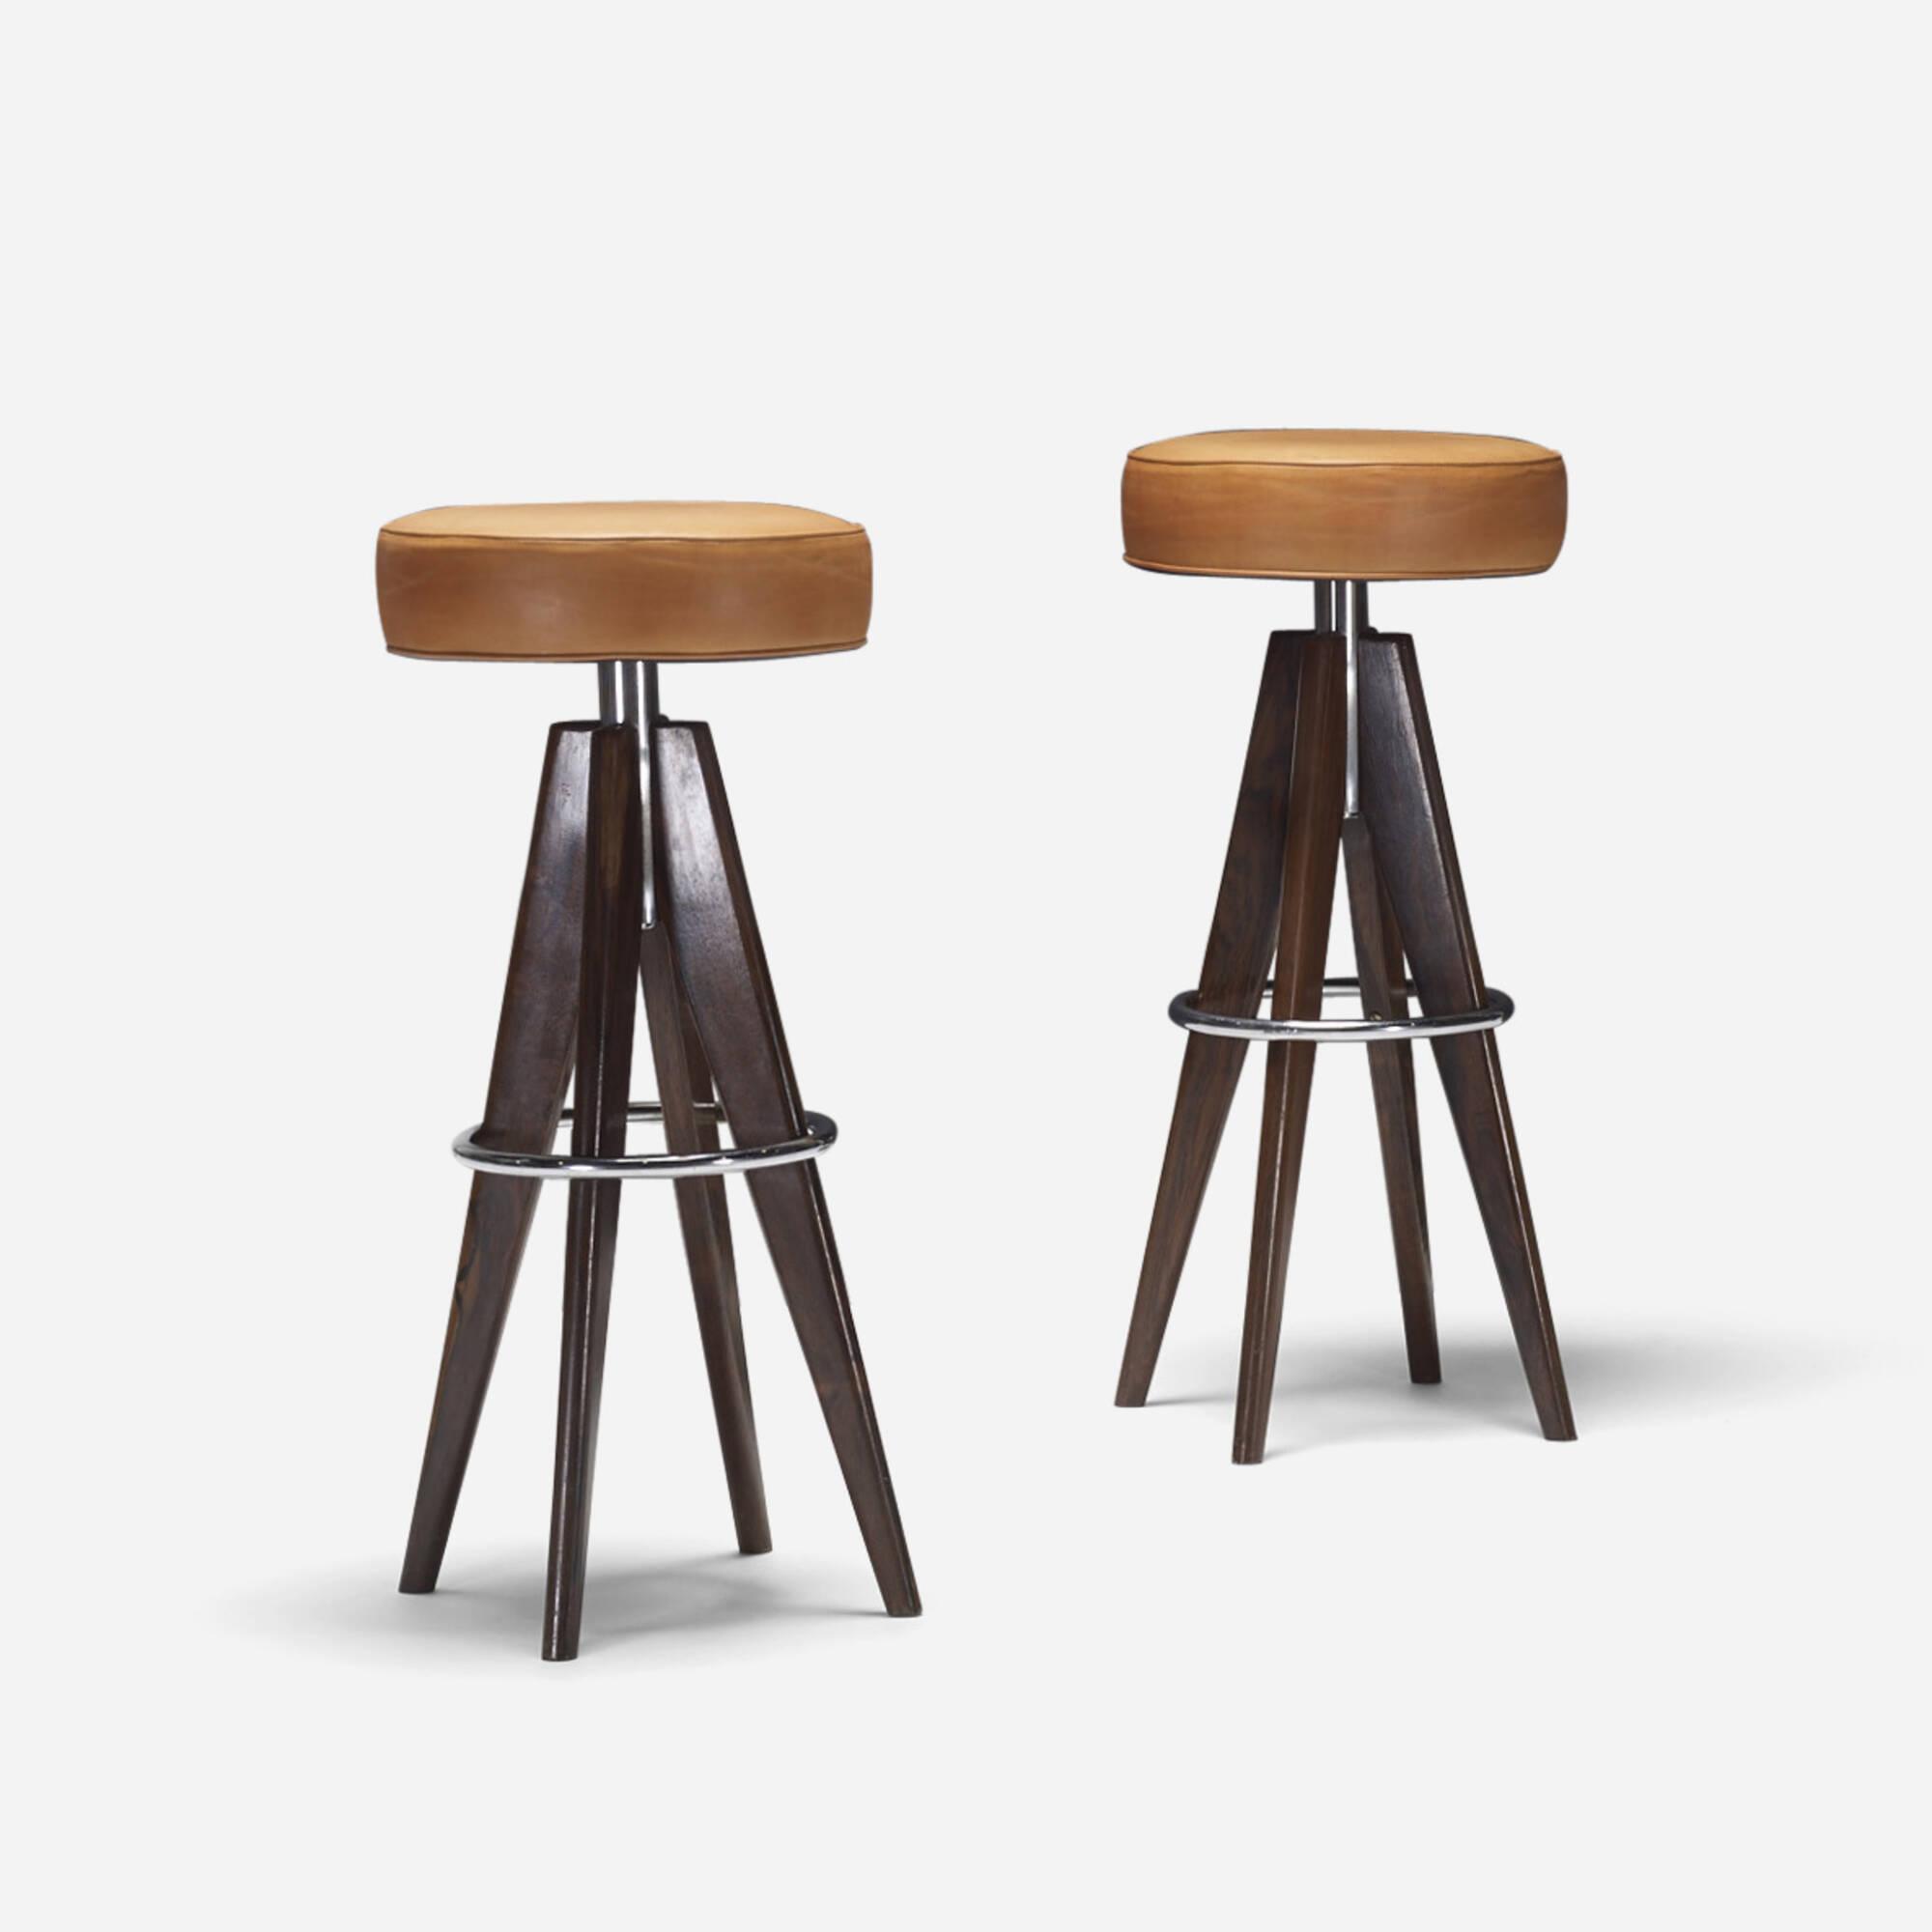 320: Arne Hovmand-Olsen / stools, pair (1 of 2)